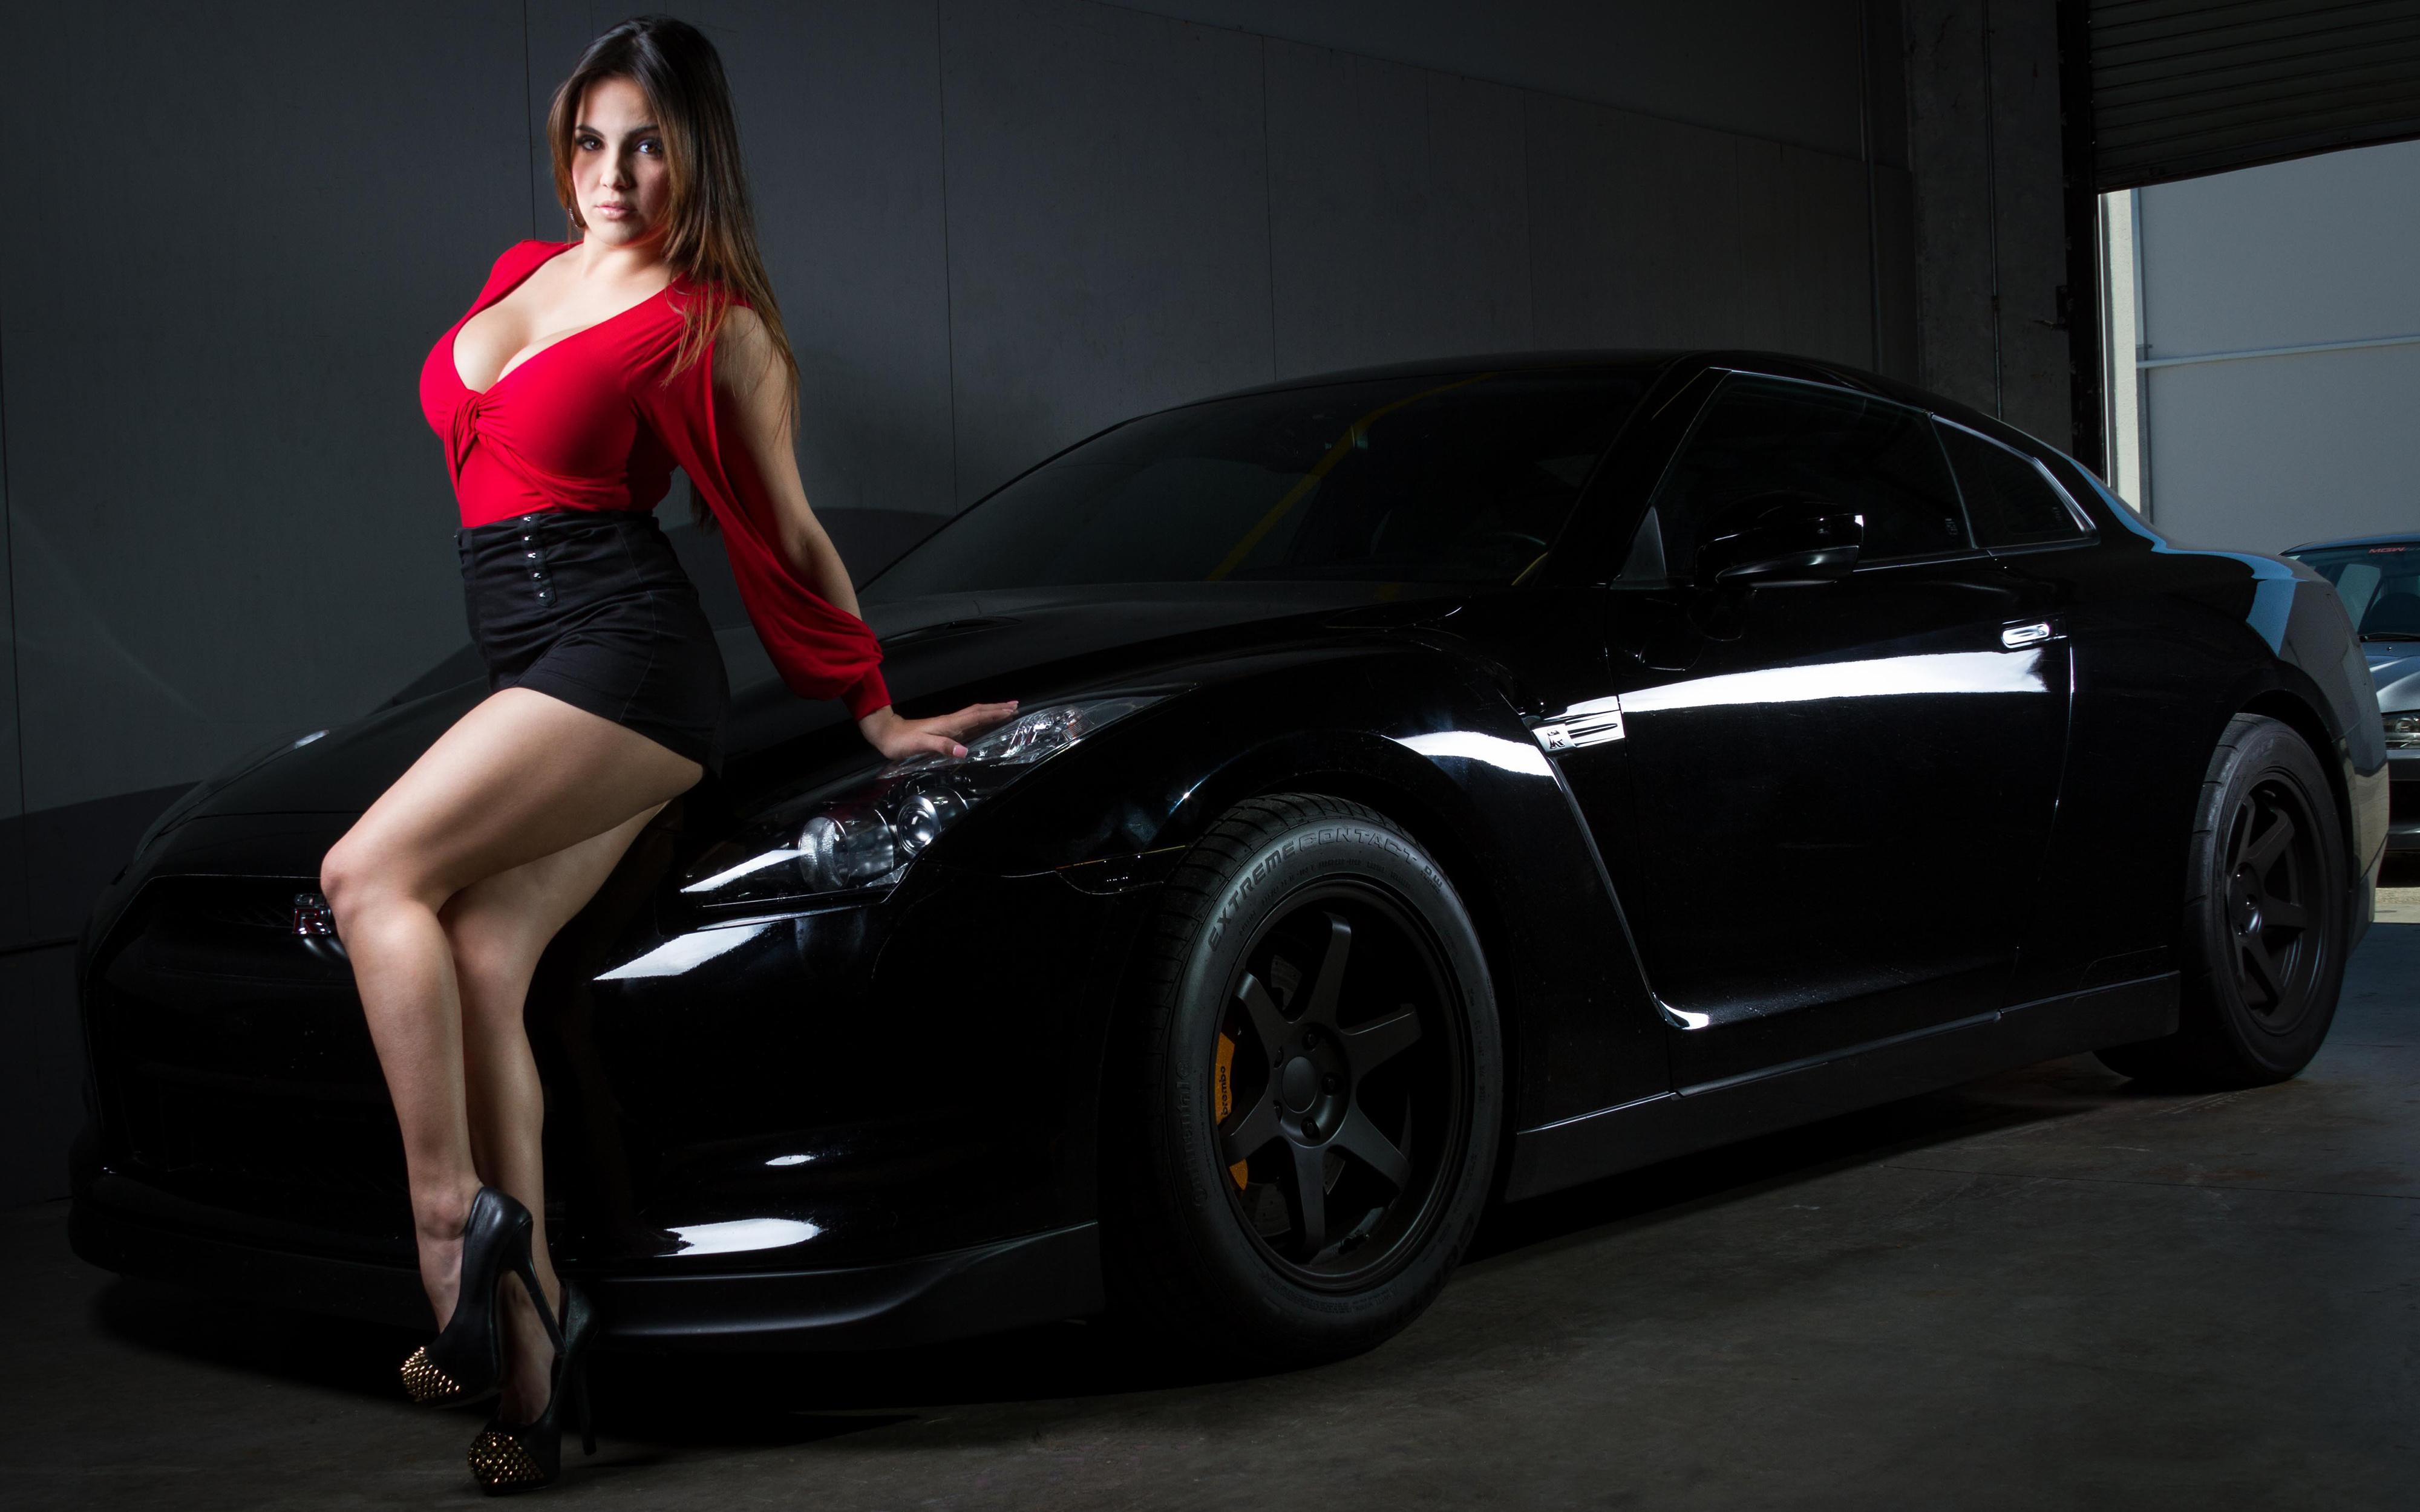 Большие дамы с машинами — 3